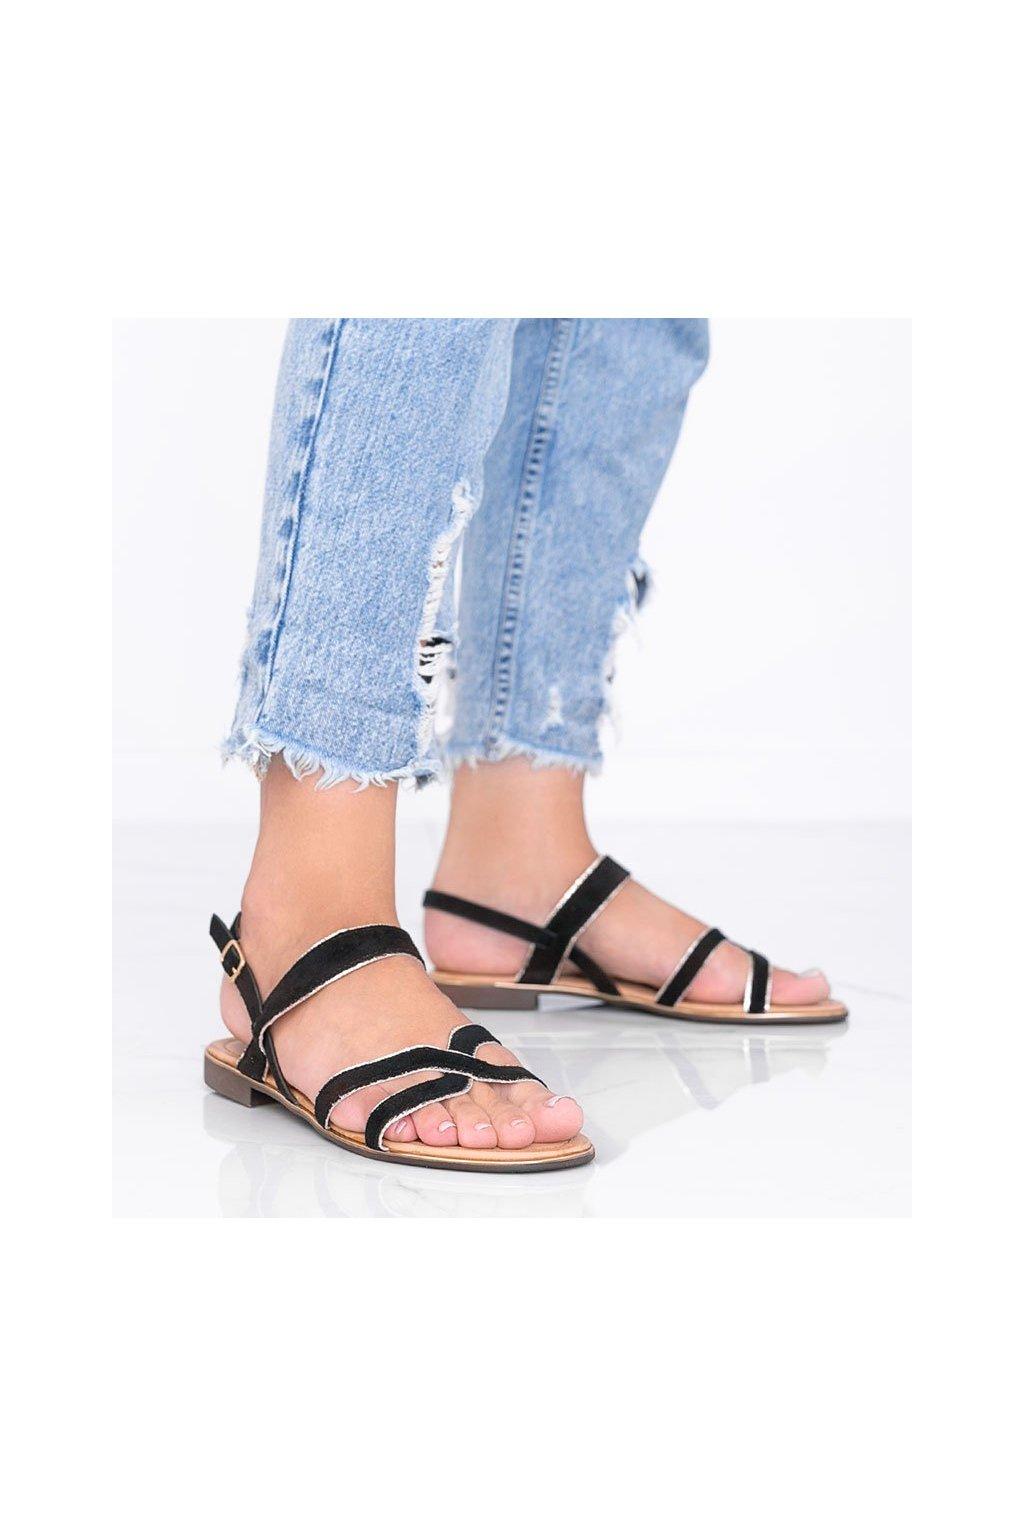 Dámske topánky sandále čierne kód H8-177 - GM